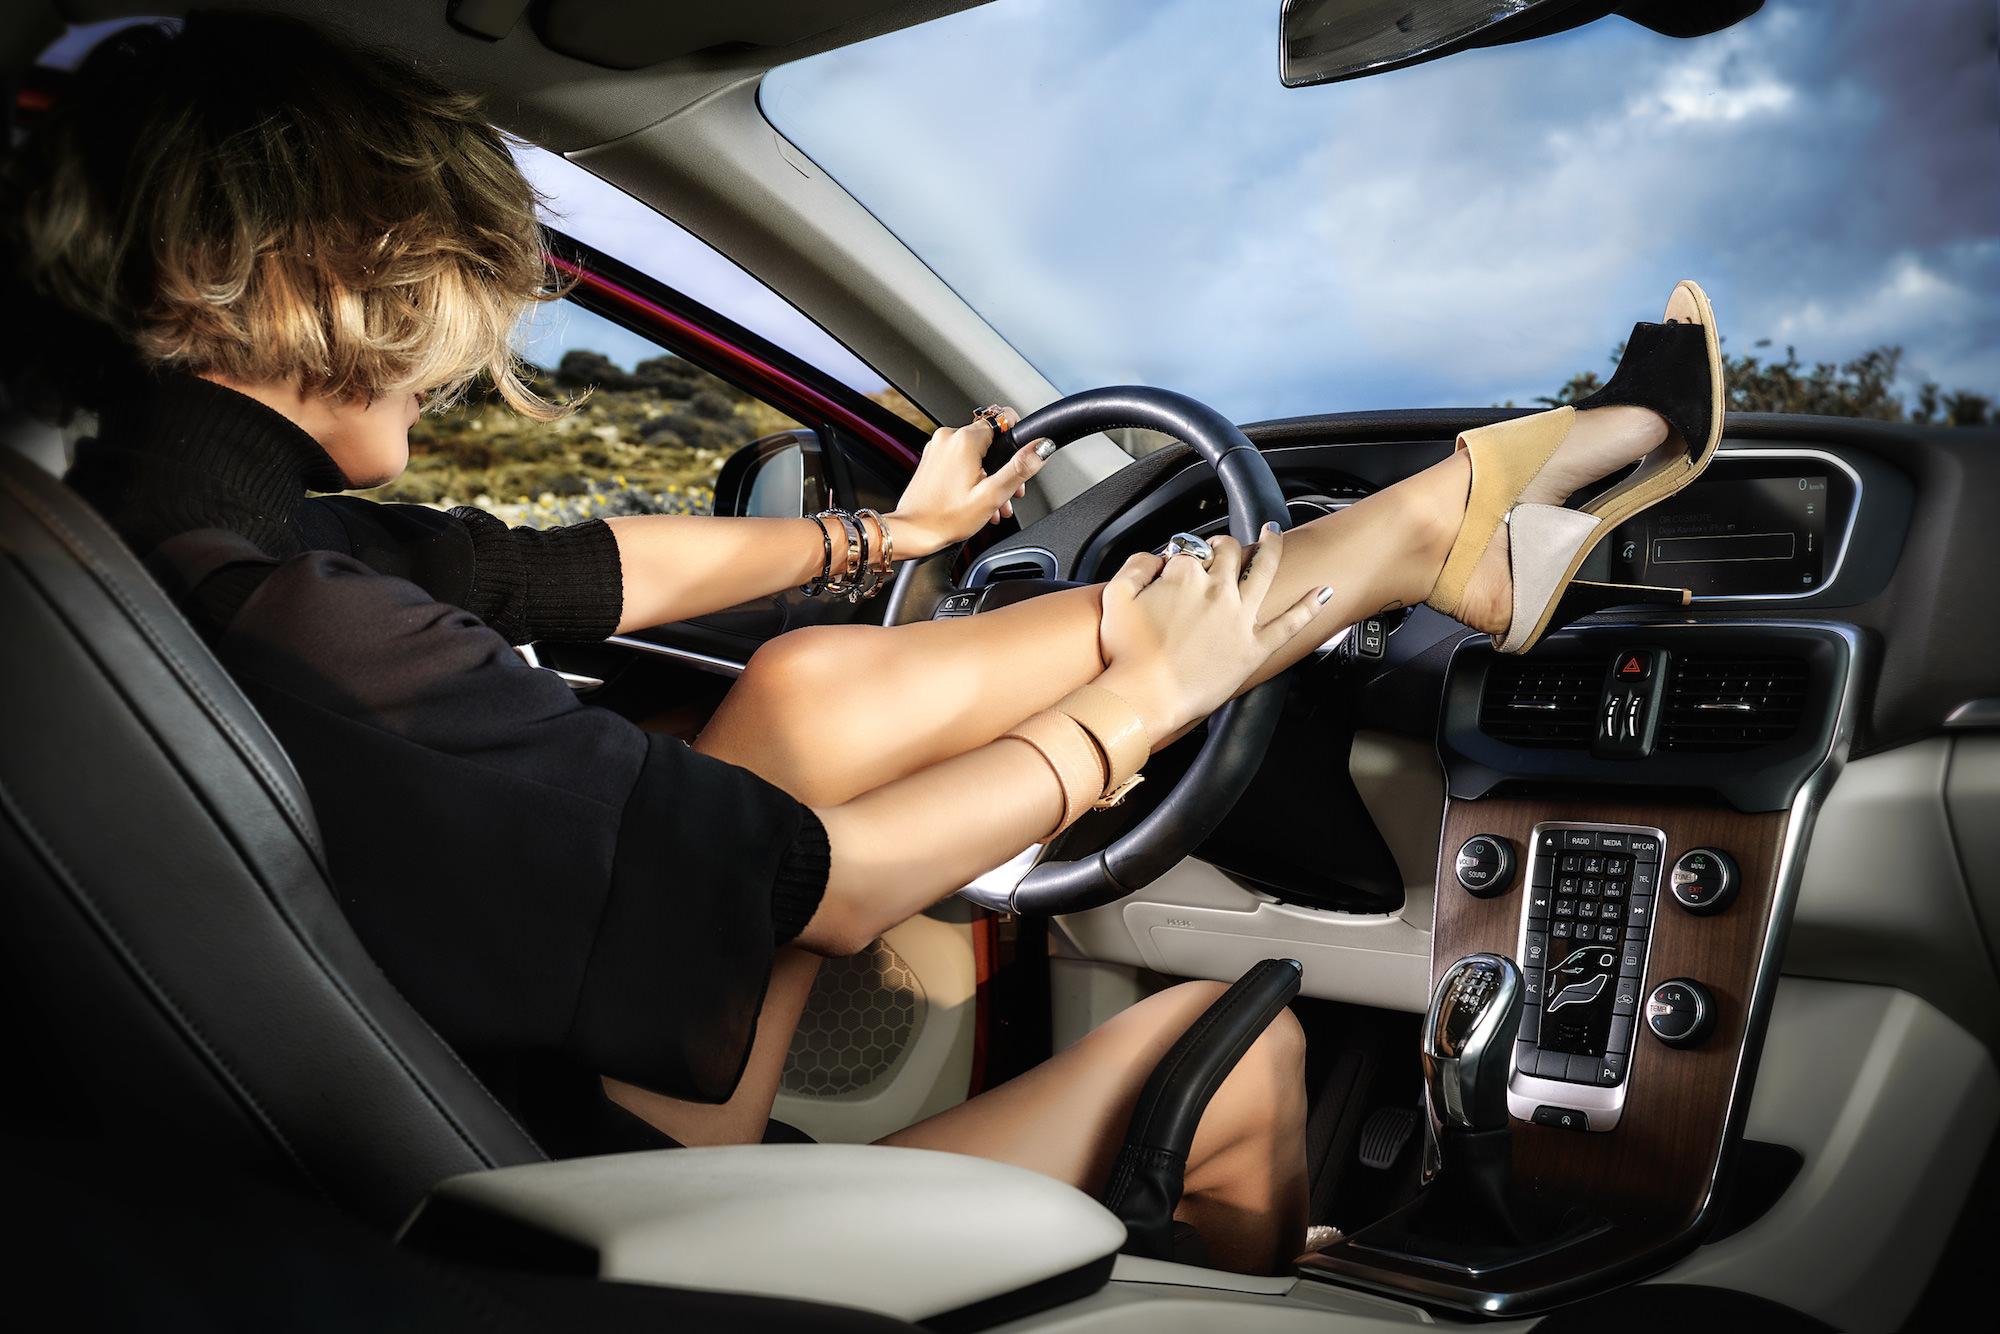 Vì sao giày cao gót là một trong những nguyên nhân gây tai nạn giao thông khi lái xe ô tô?